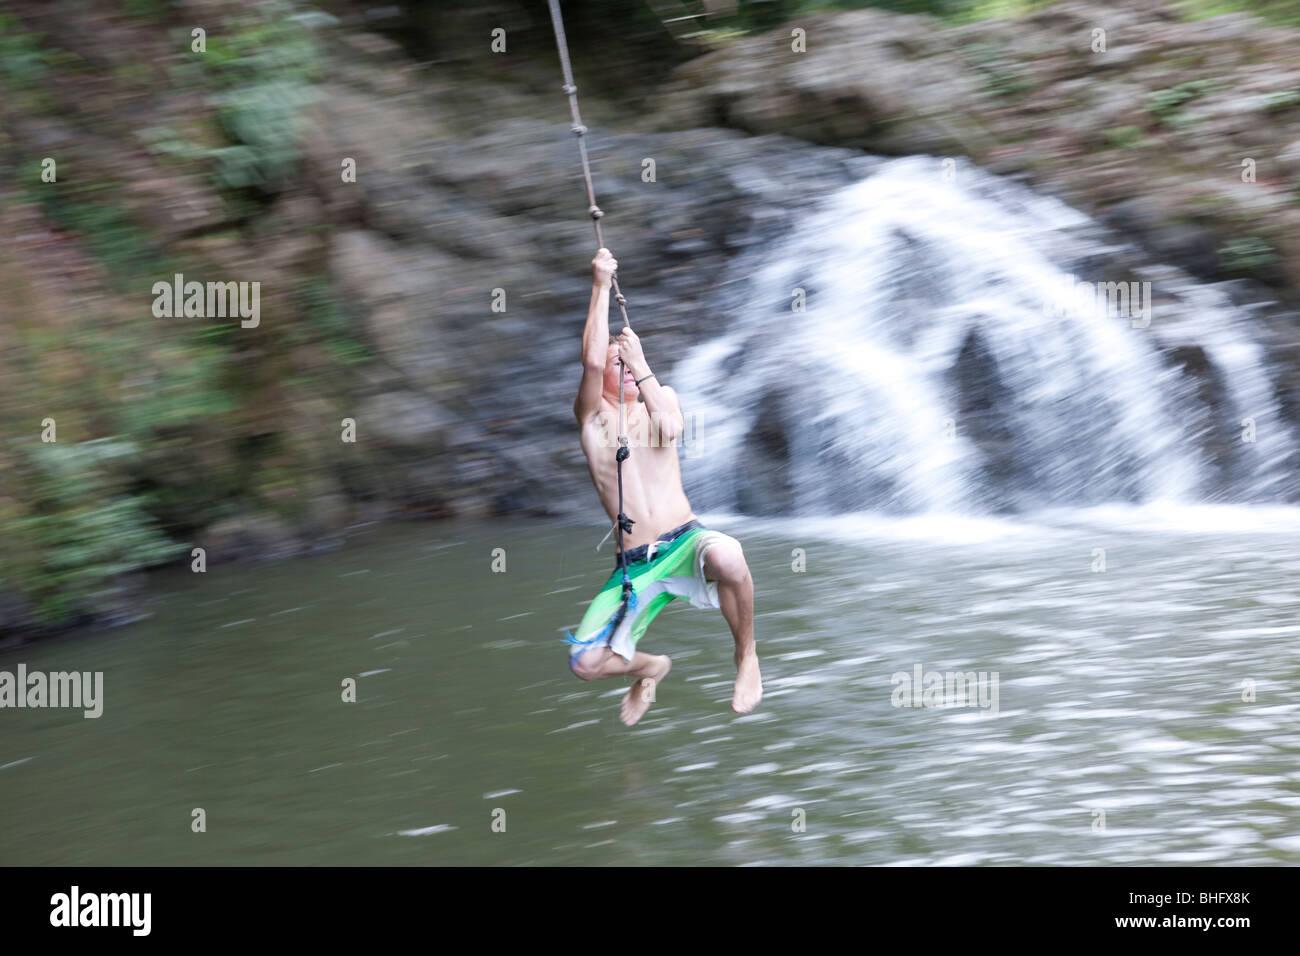 Montezuma Waterfalls in Costa Rica - Stock Image